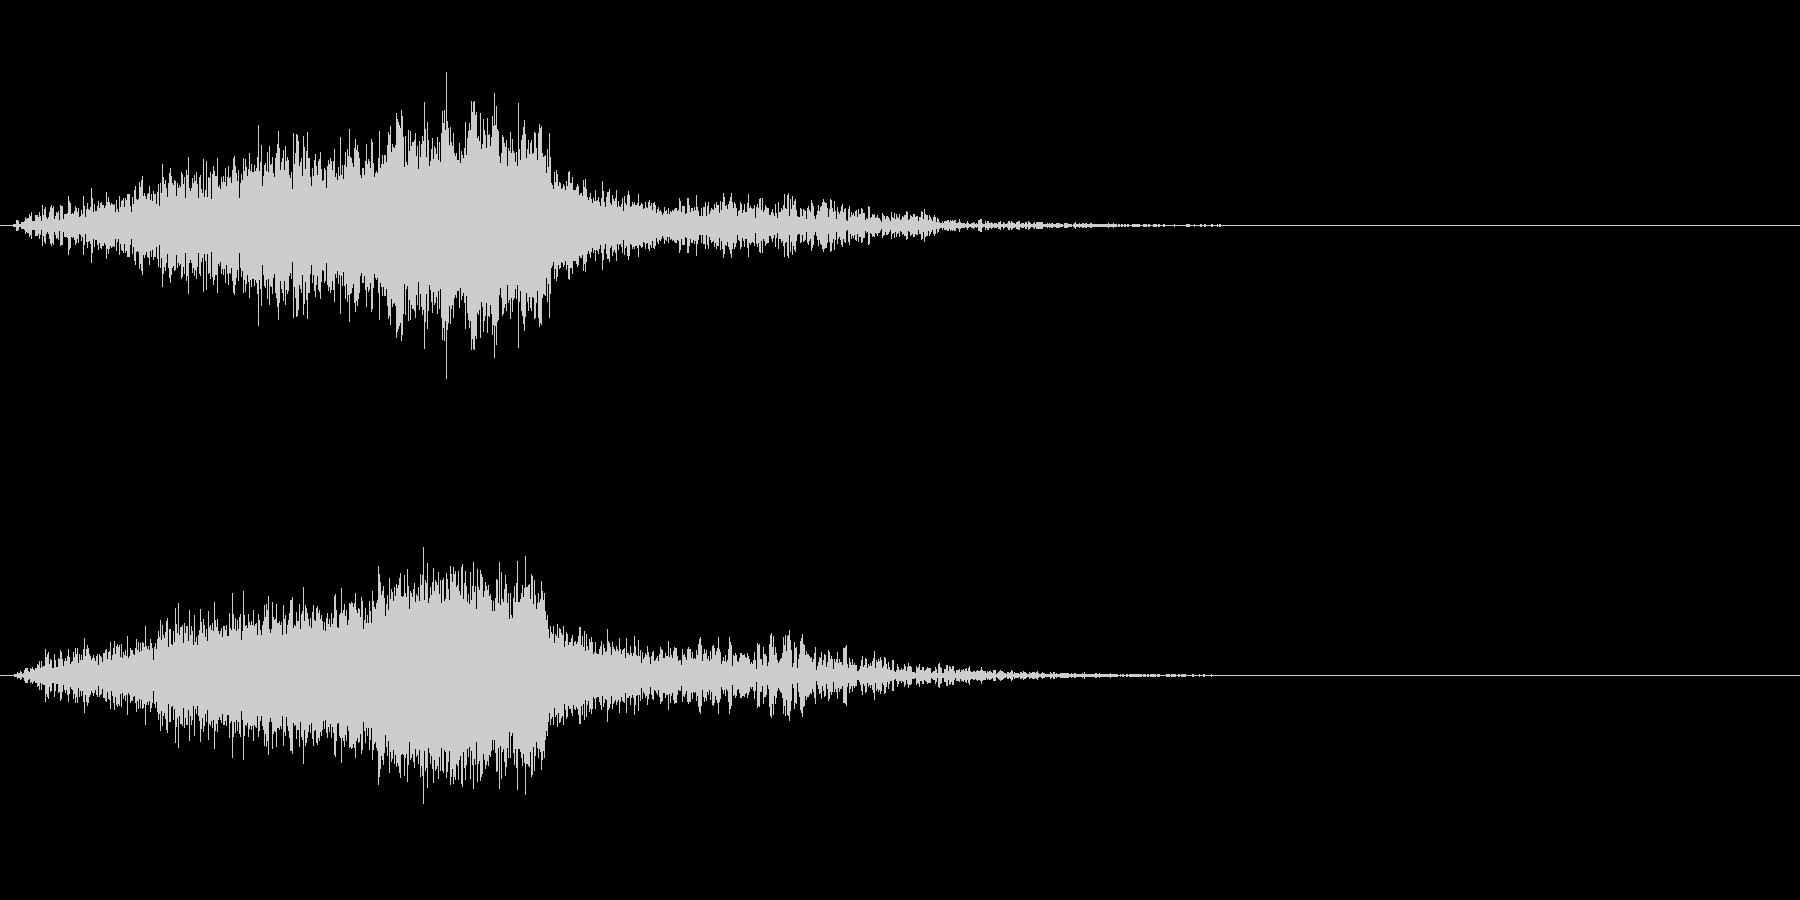 ホラー的な効果音の未再生の波形